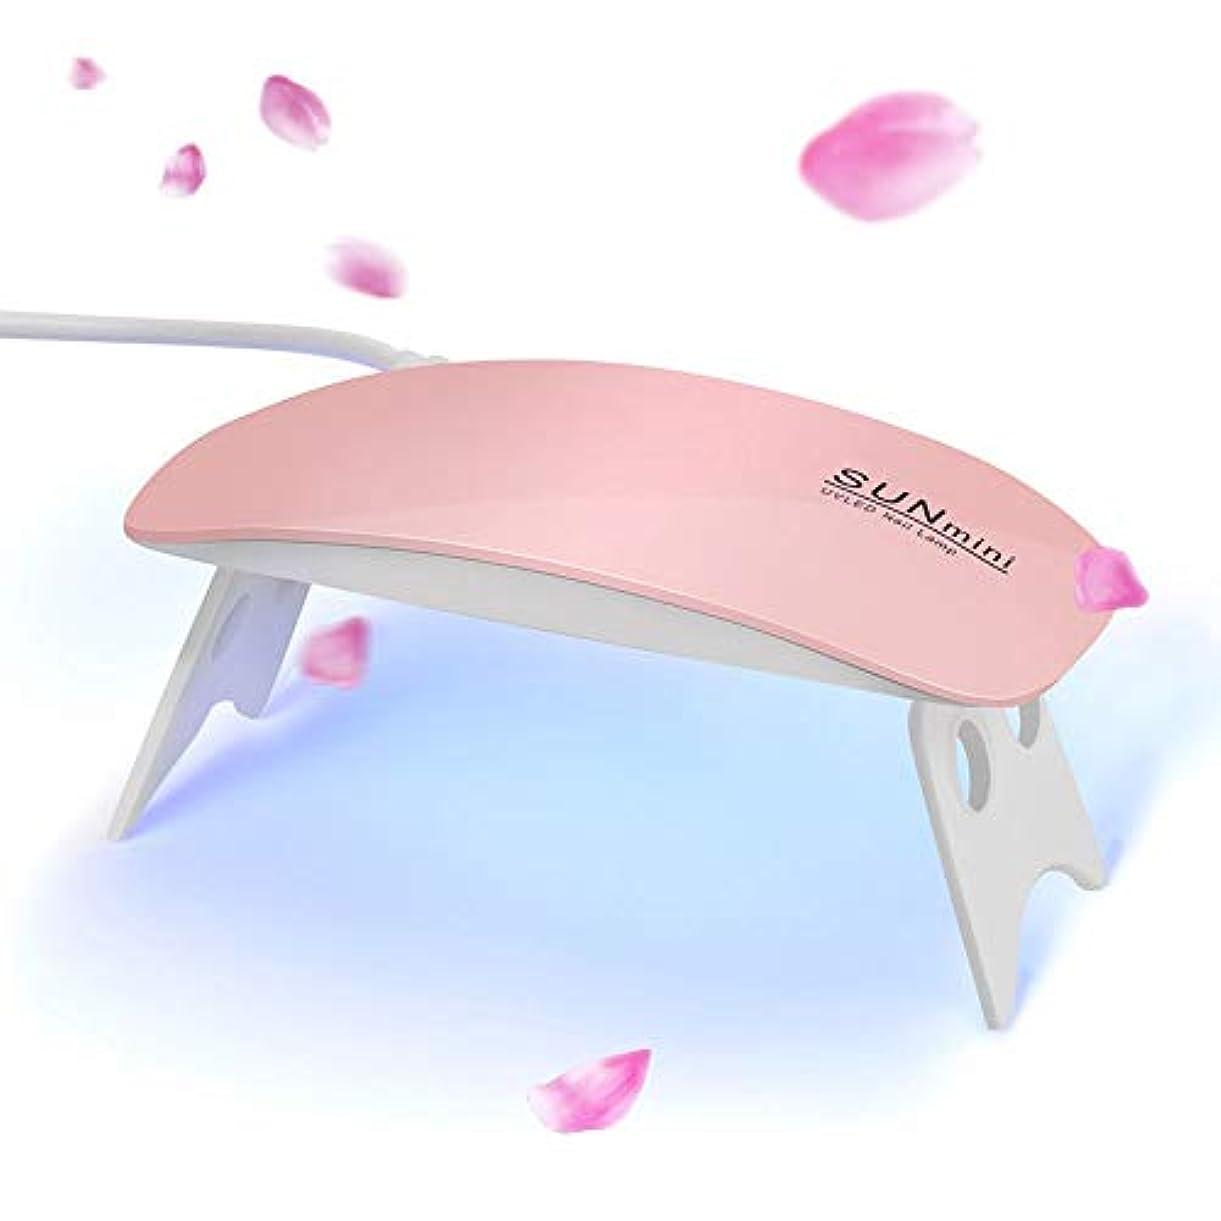 必需品絶縁するキウイLEDネイルドライヤー,KIMIHE UVライト 超ミニ USB式 ネイル用硬化ライト 2タイミング設定付き 折りたたみ式手足とも使える UV と LEDダブルライト (かわいいピンク)